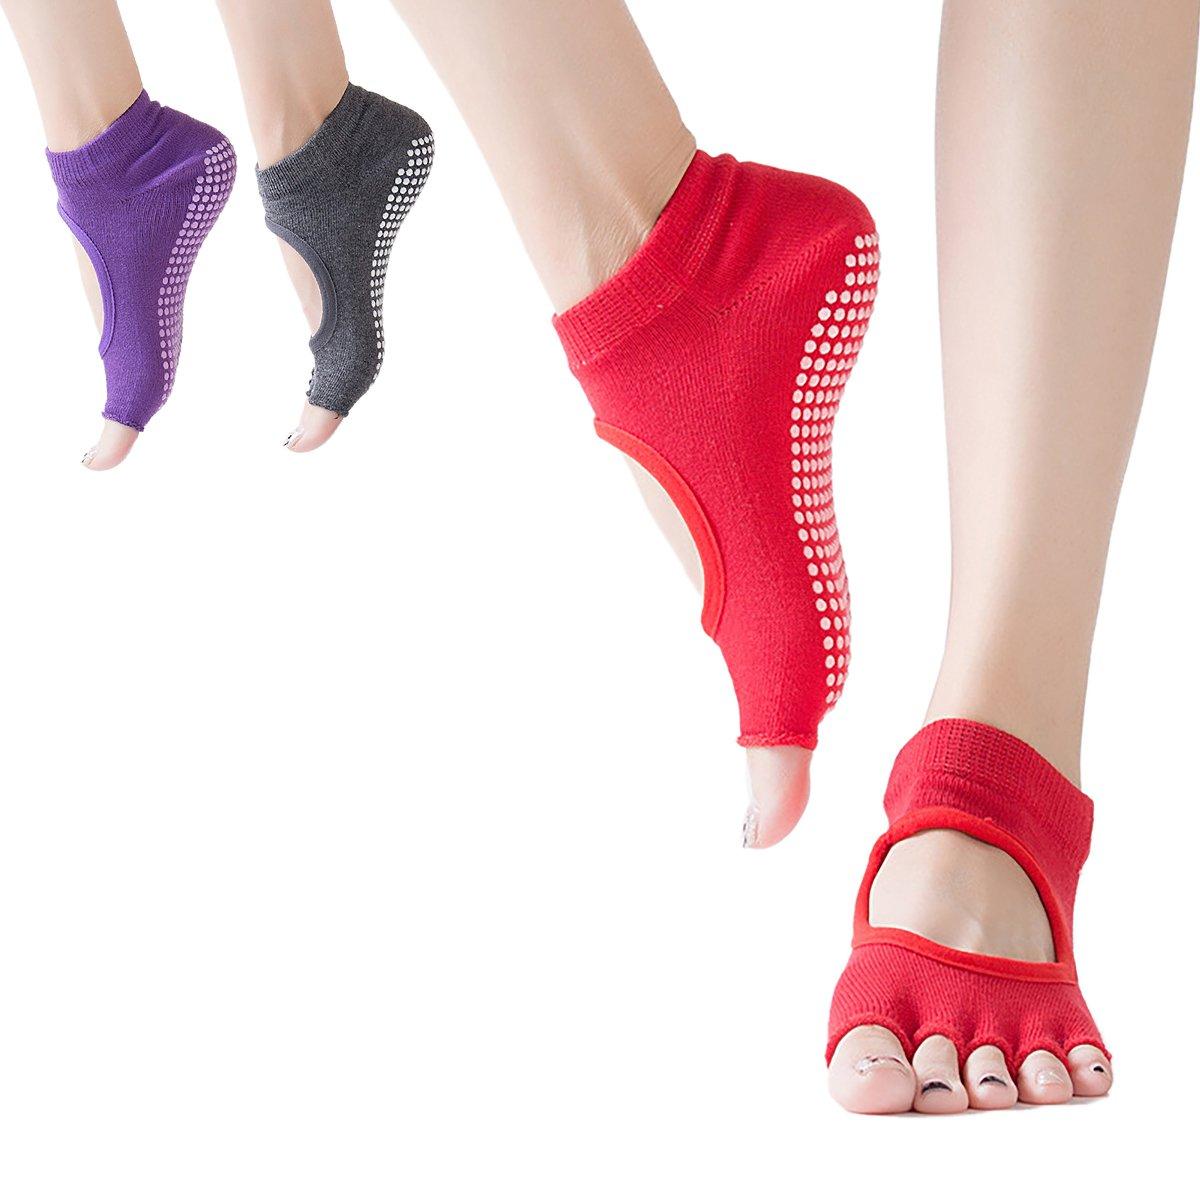 YF 3 Pairs Women Toeless Non Slip Yoga Grip Socks for Pilates,Ballet Barre 0AF0SA2C1O